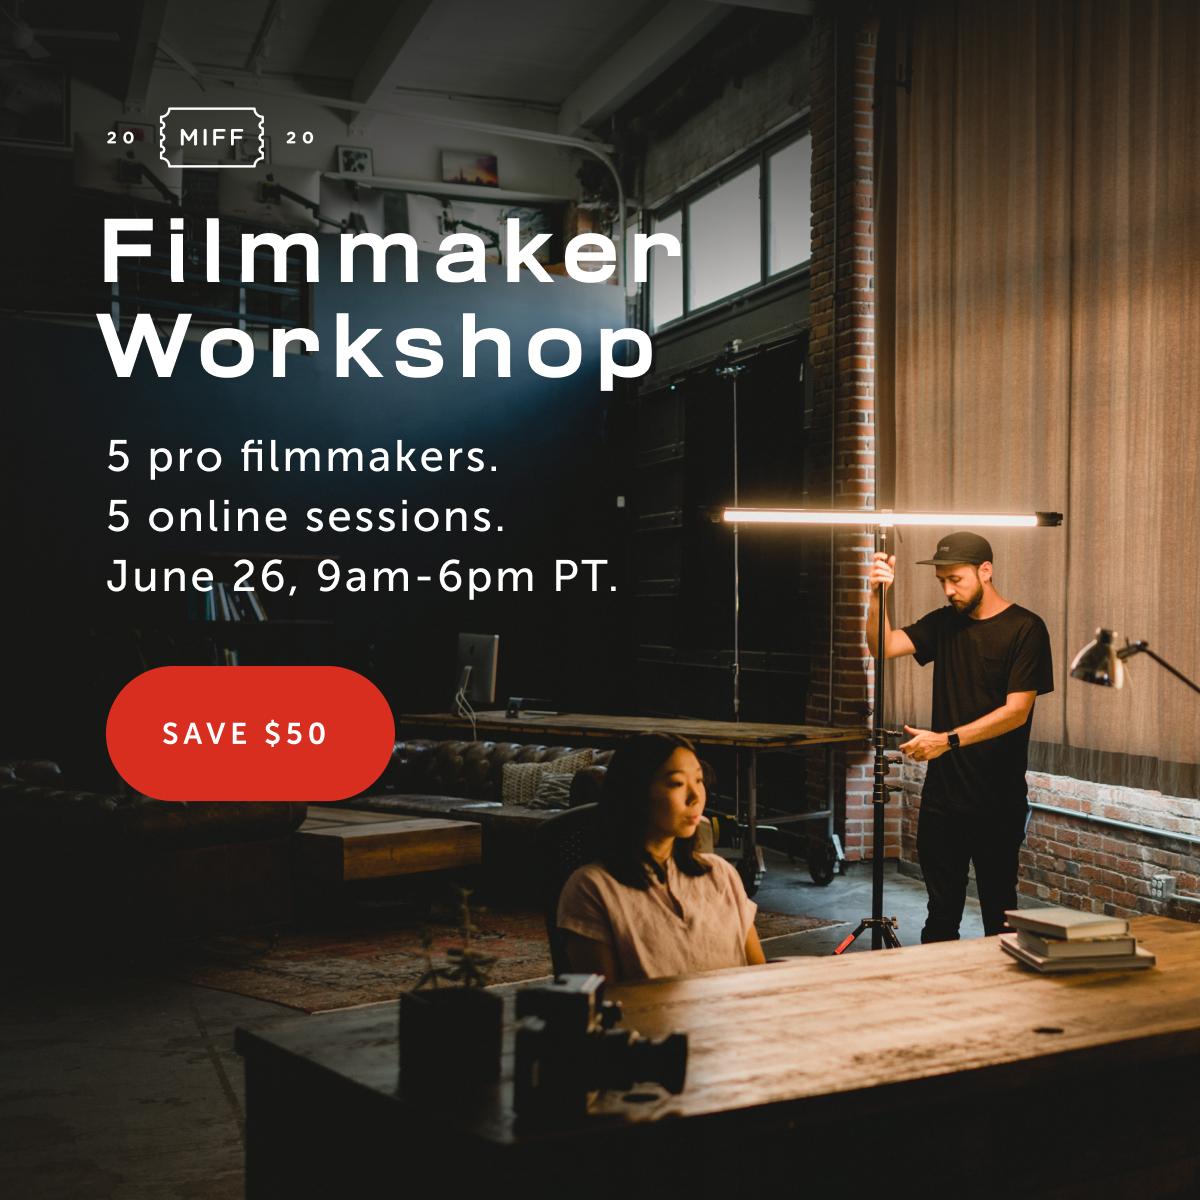 Filmmaker Workshop — Save $50